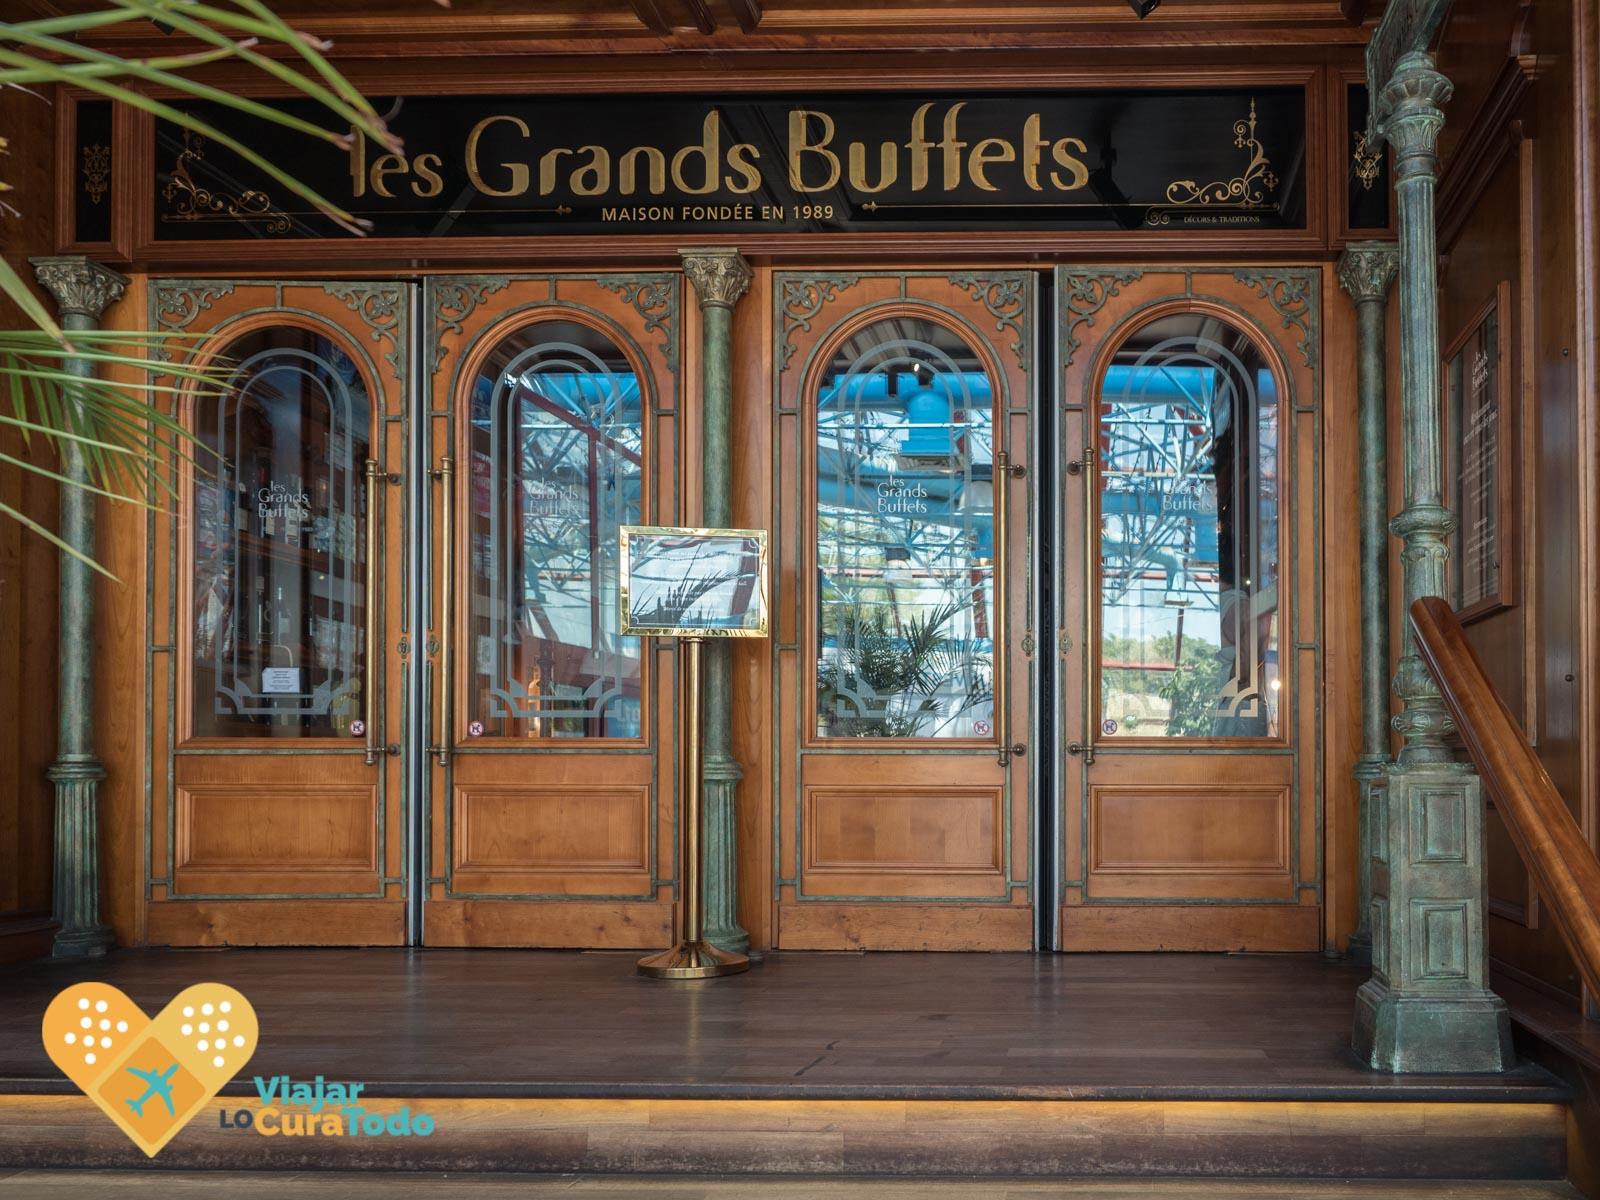 restaurante les Grands Buffets